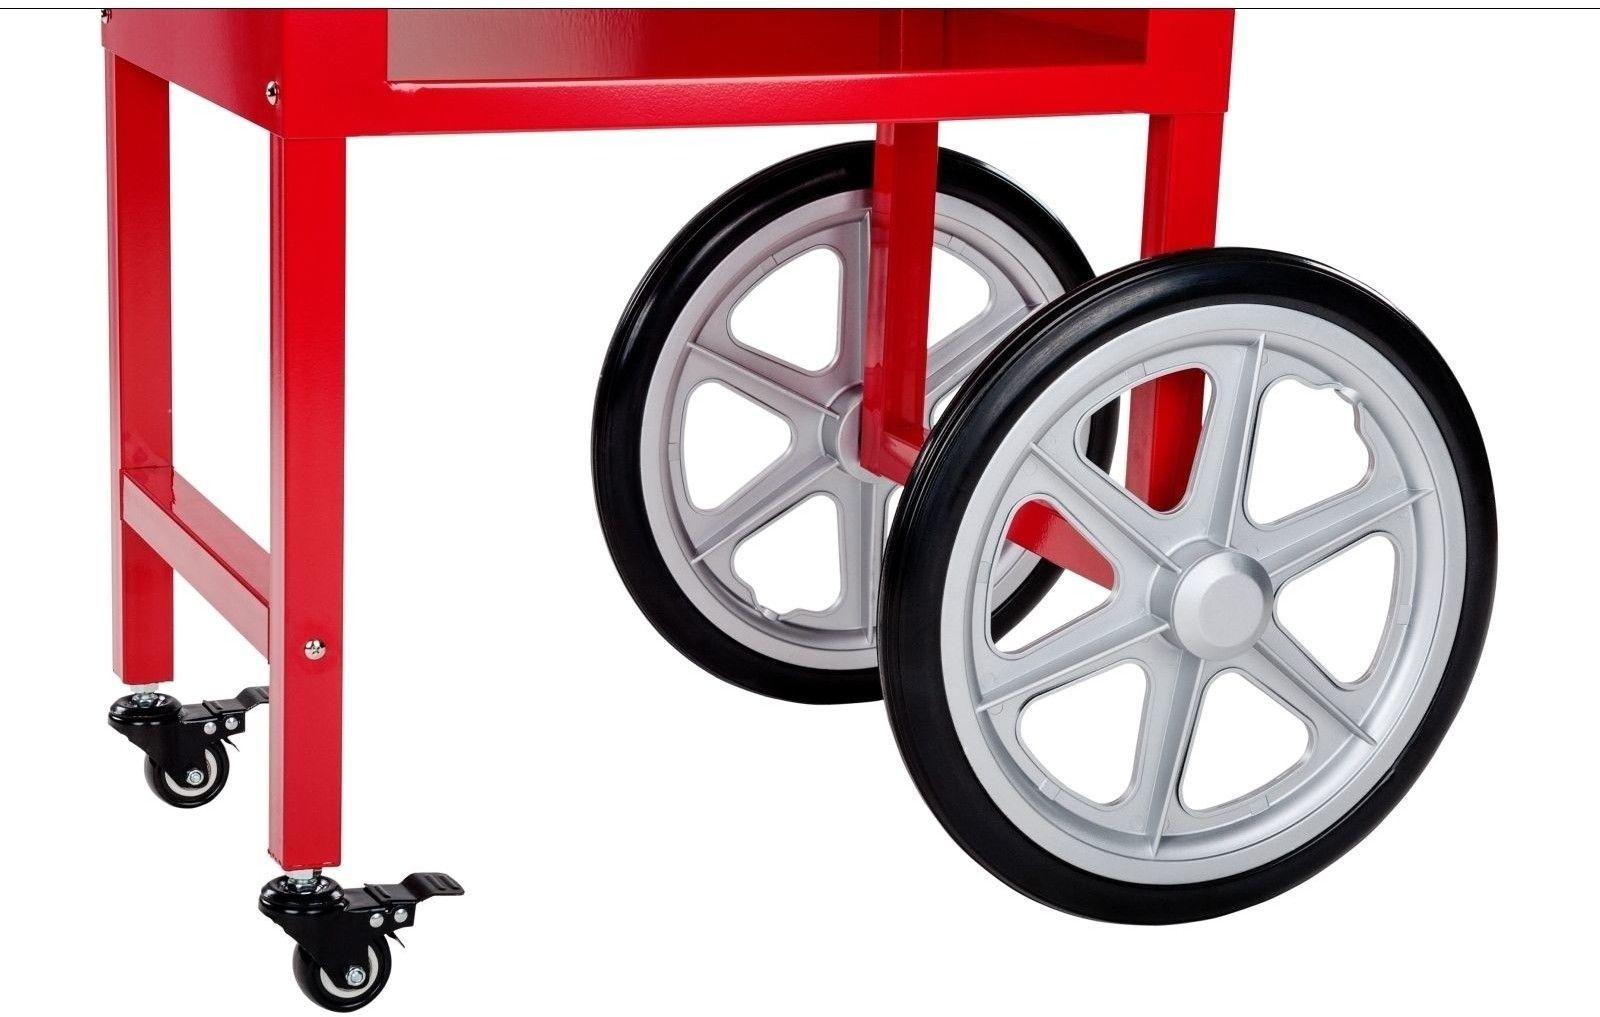 Wózek do popcornu Royal Catering RCPT-16E - RCPT-16E - 3 LATA GWARANCJI / WYSYŁKA W 24H ZA 0 ZŁ!